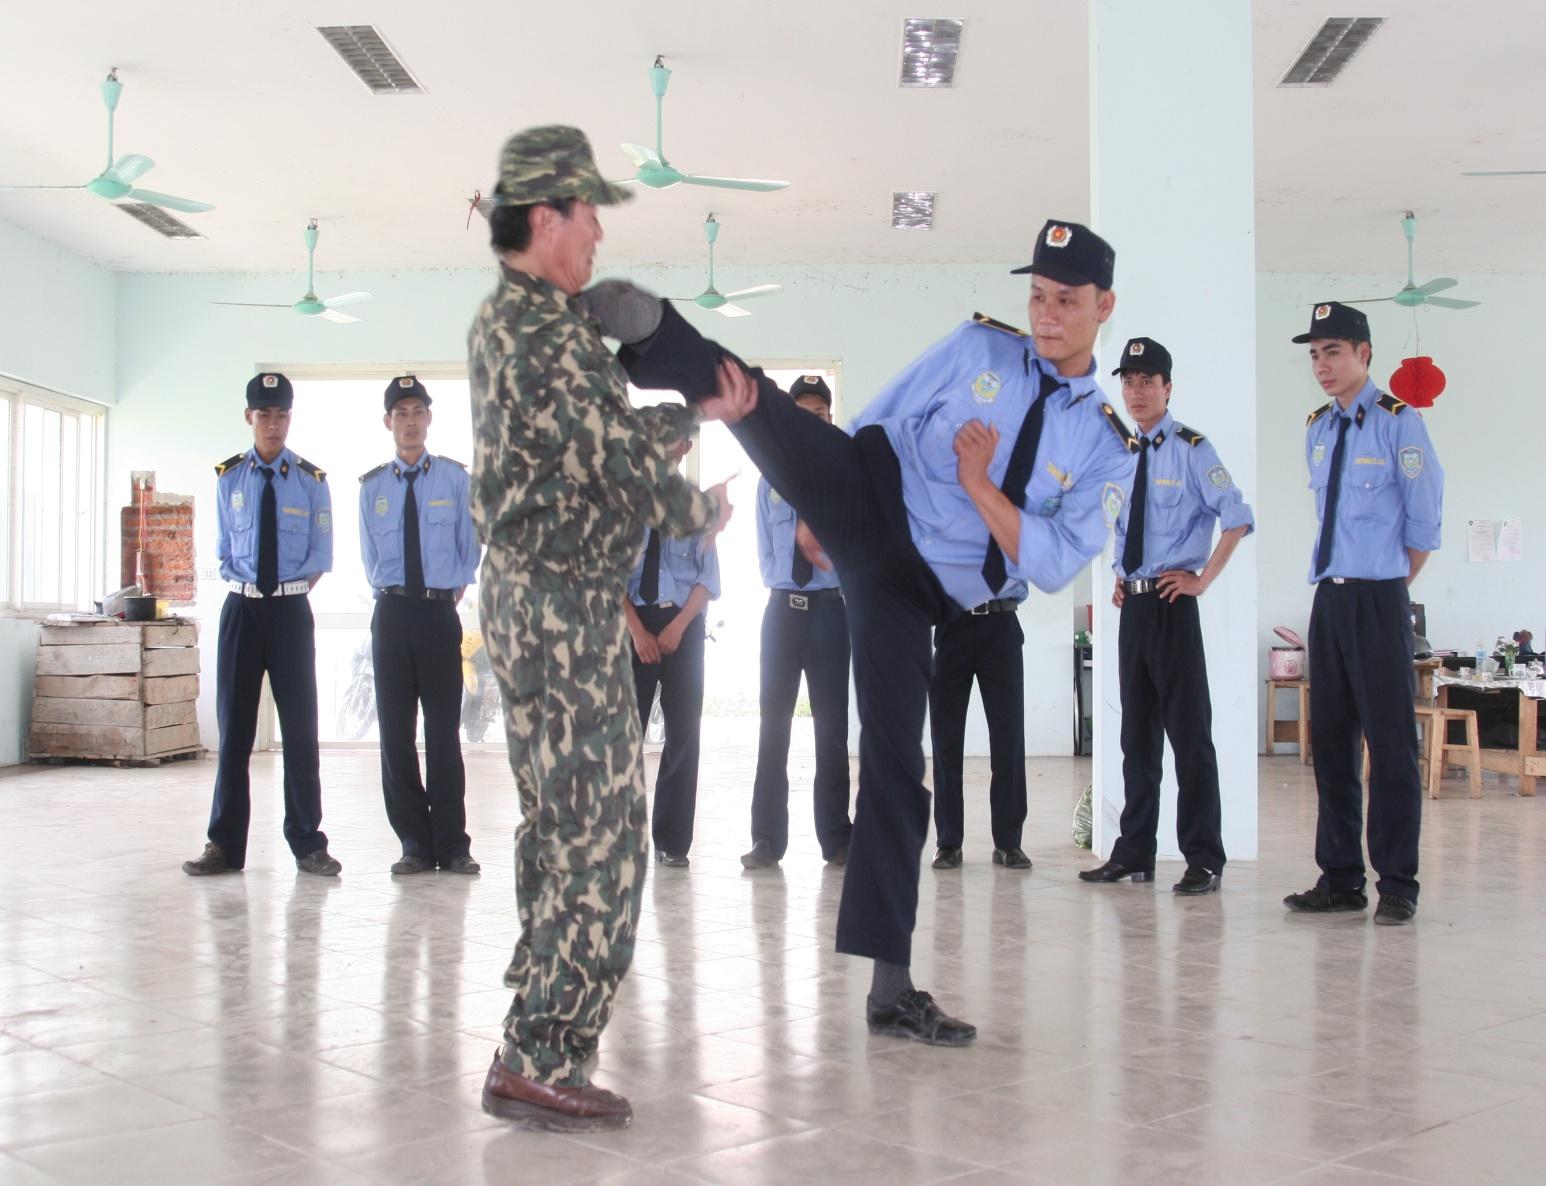 Dịch vụ bảo vệ tại Hà Nội – Bảo vệ chuyên nghiệp